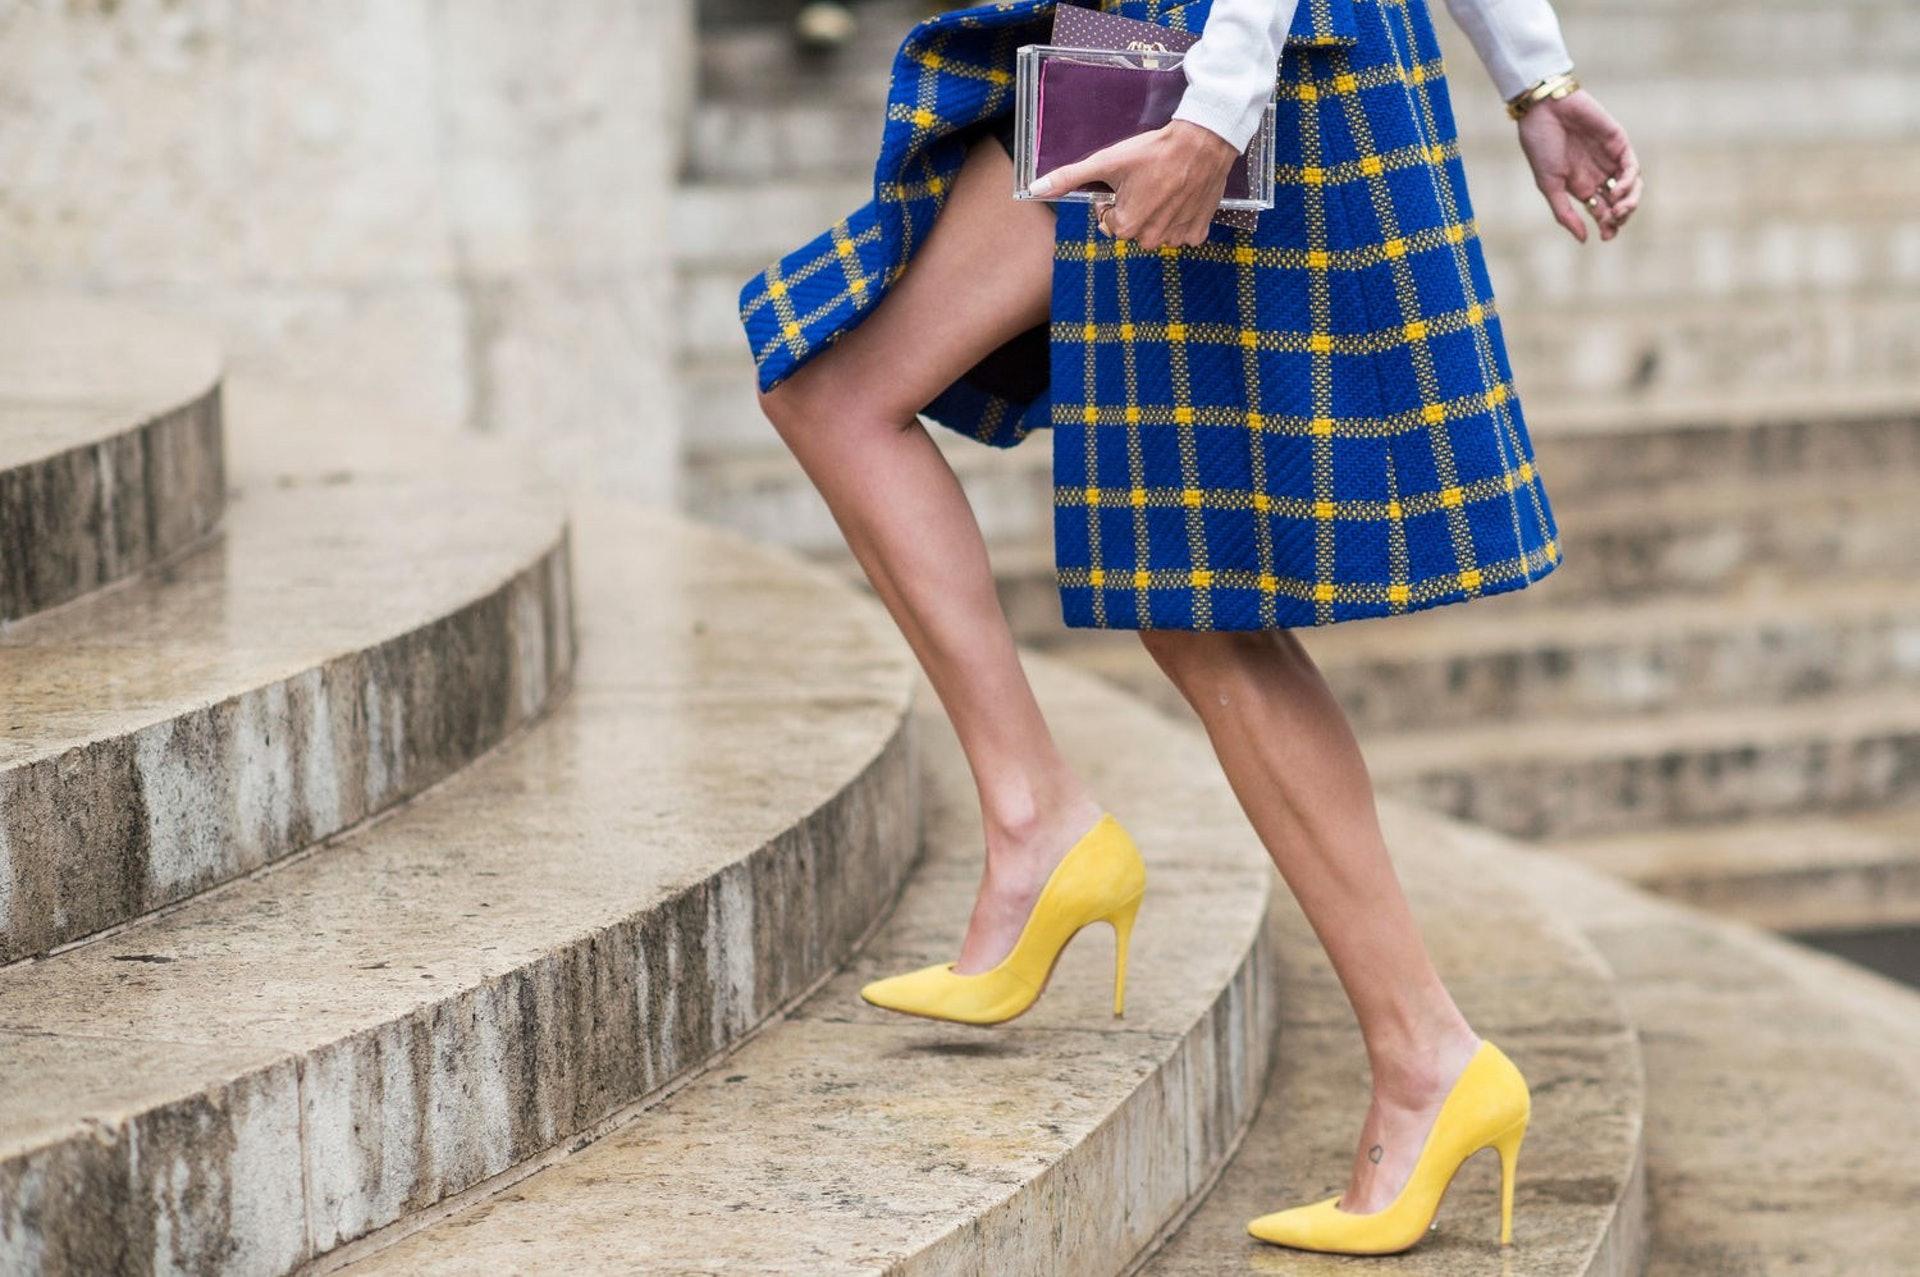 Nguy cơ từ giày cao gót 6